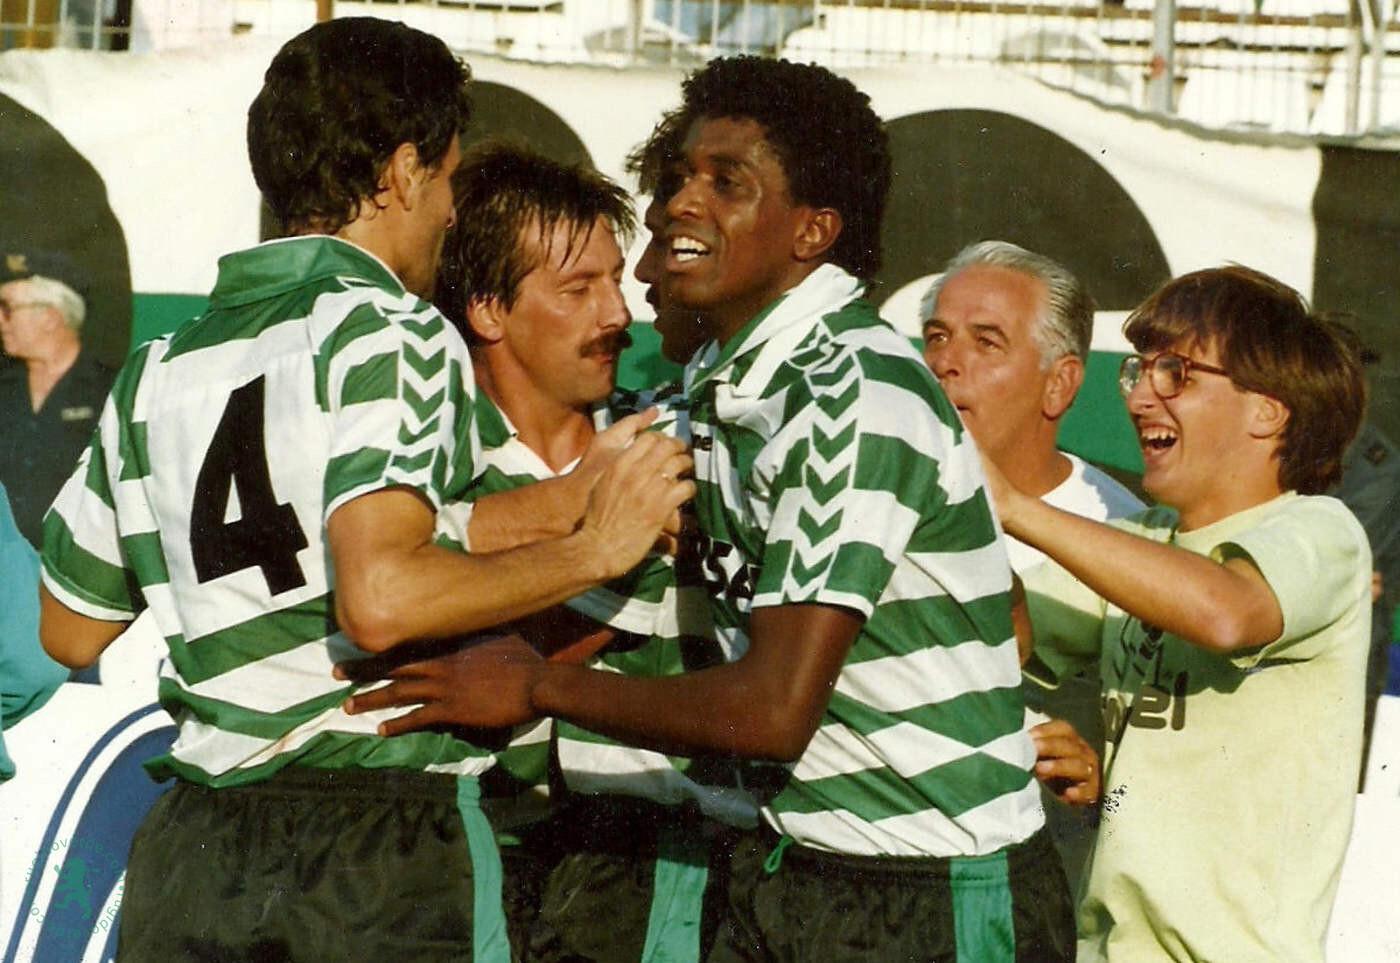 Neste dia… em 1989, Sporting (1-0) Porto: Soltaram o Leão Agora aturem o bicho!